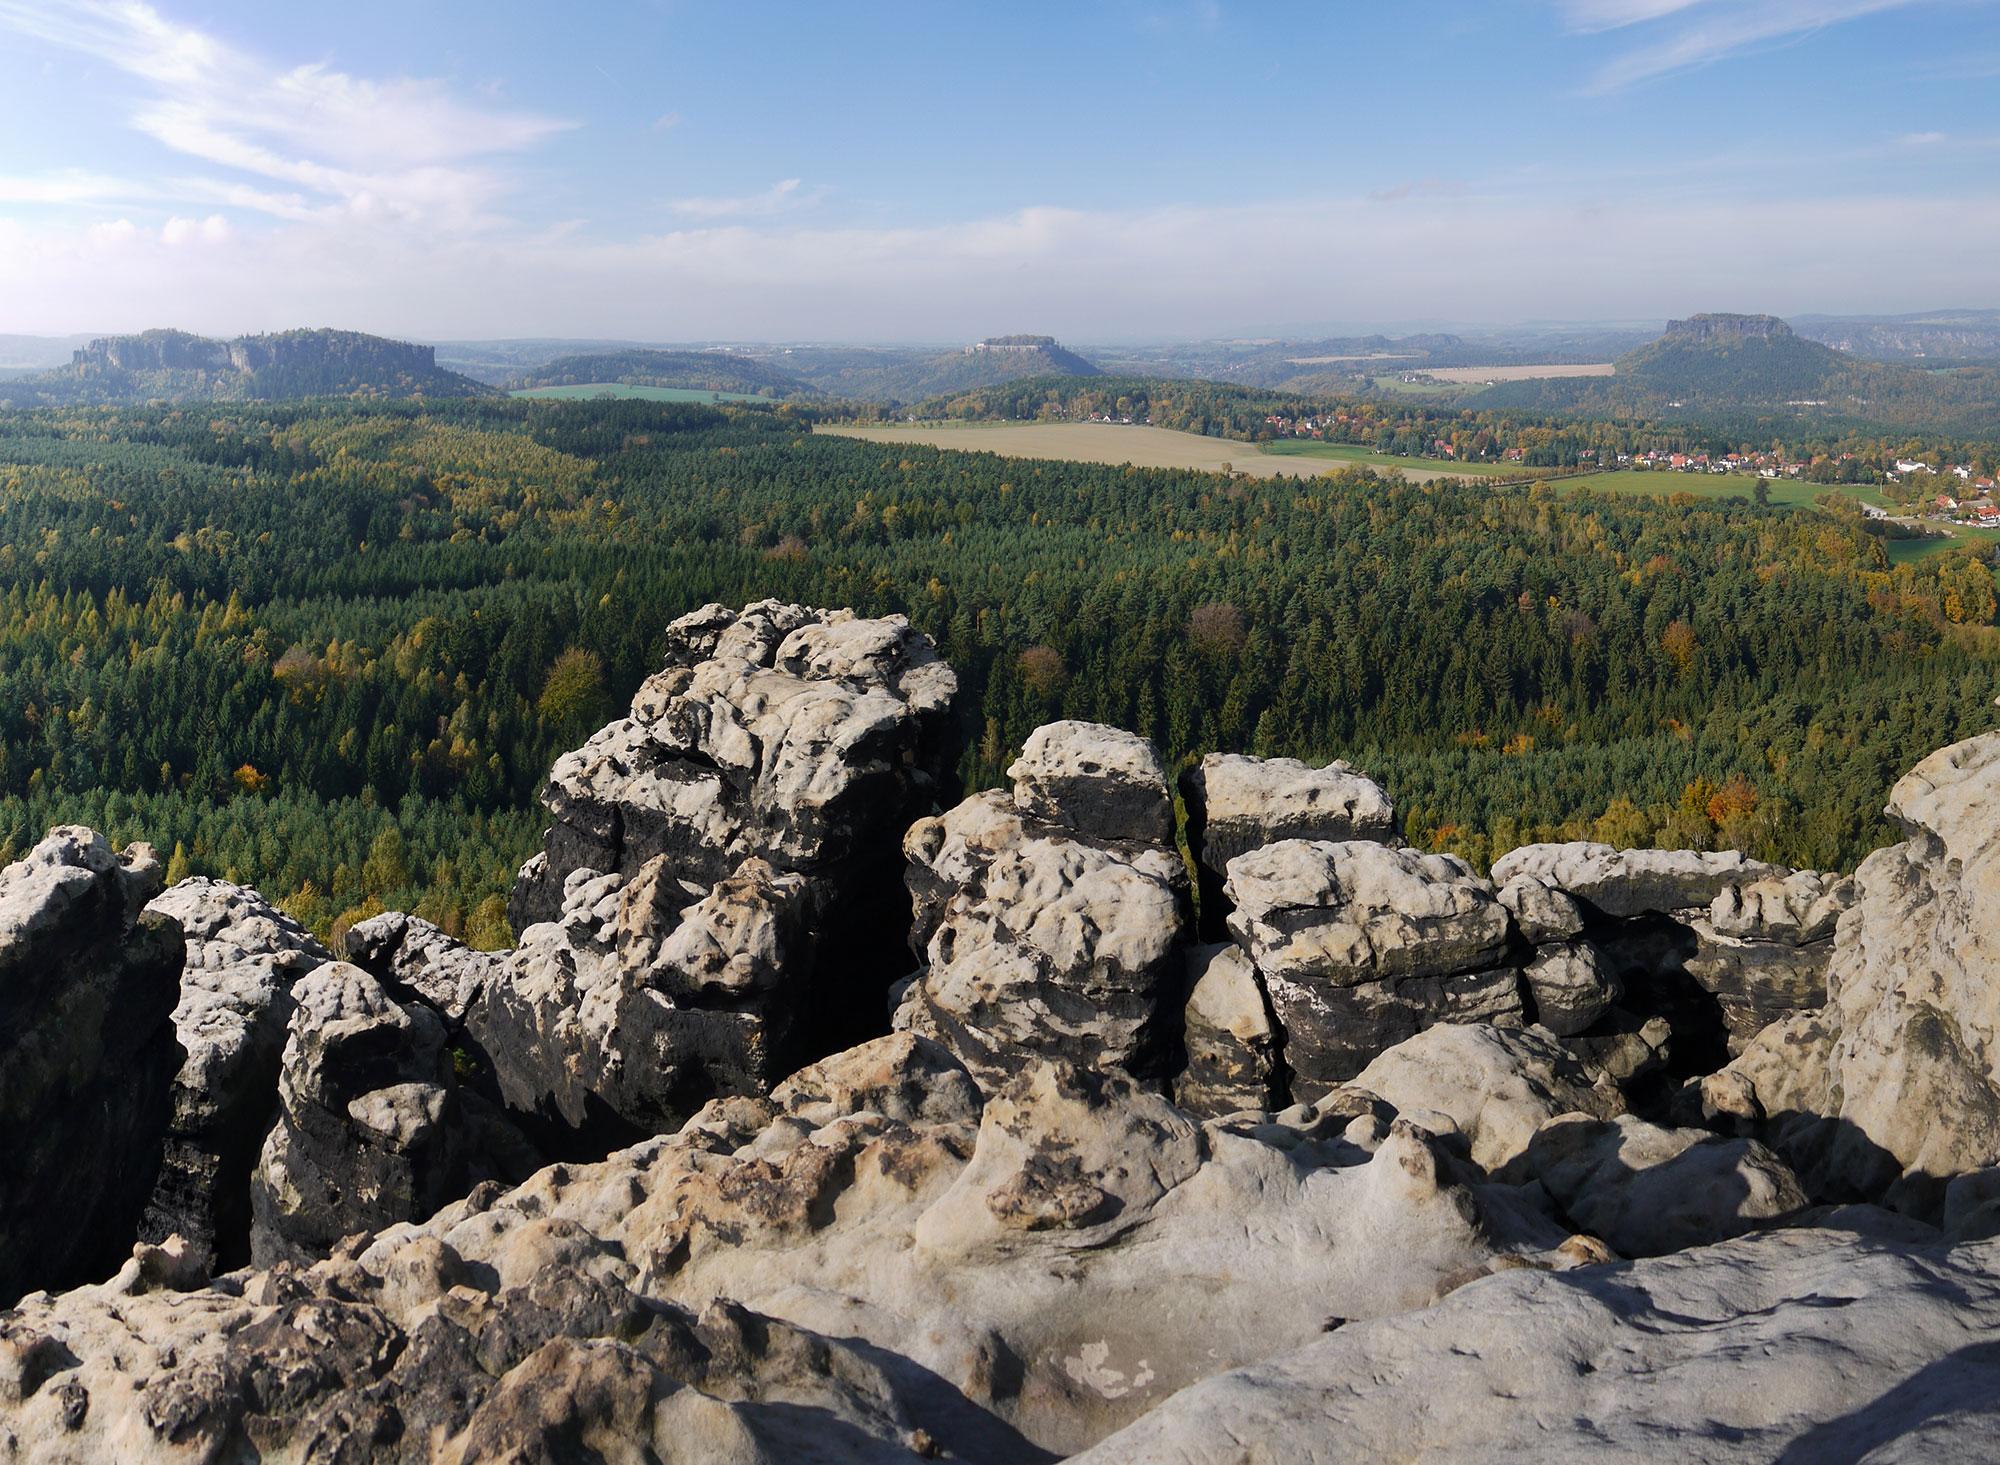 Wanderung - Forststeig (Sächsische Schweiz)